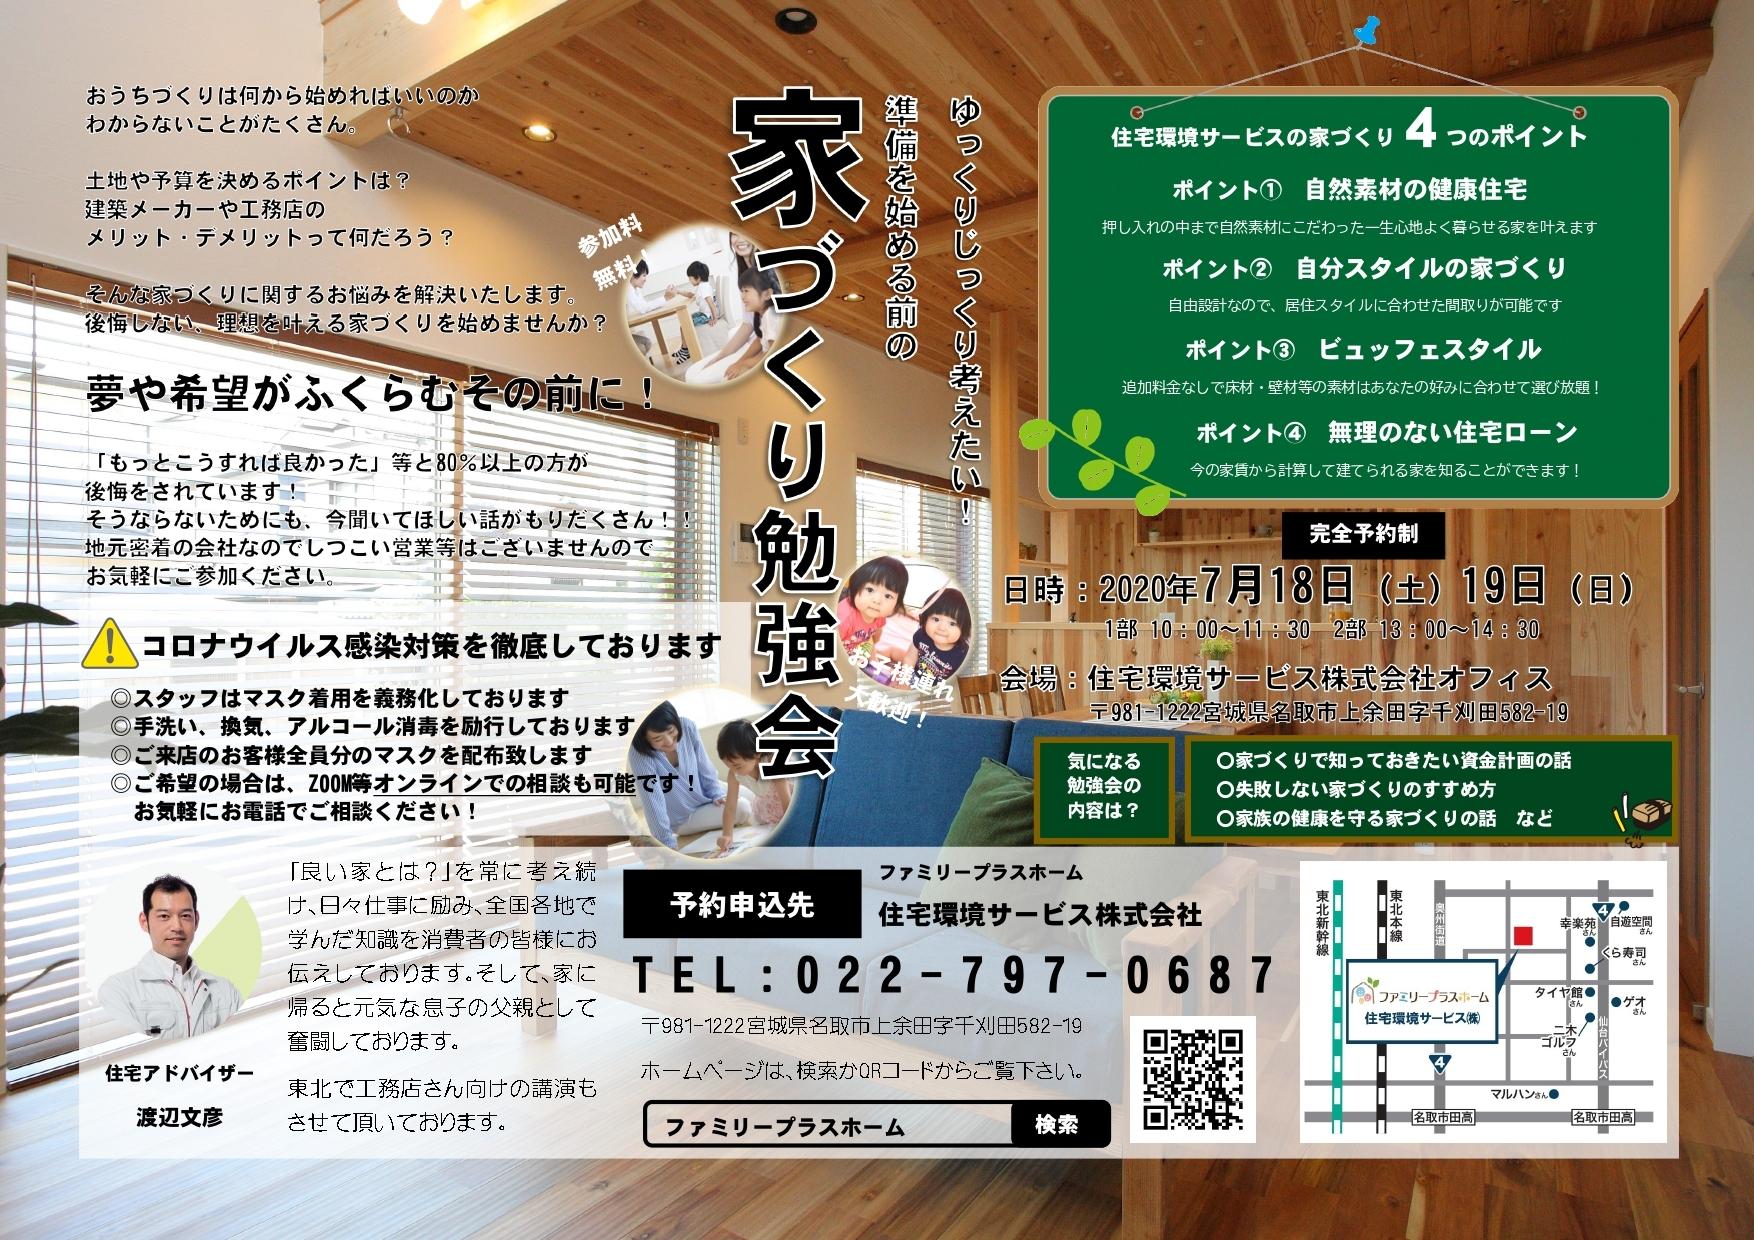 2020.7.18-19家づくり勉強会(ファミリープラスホーム)_page-0001.jpg